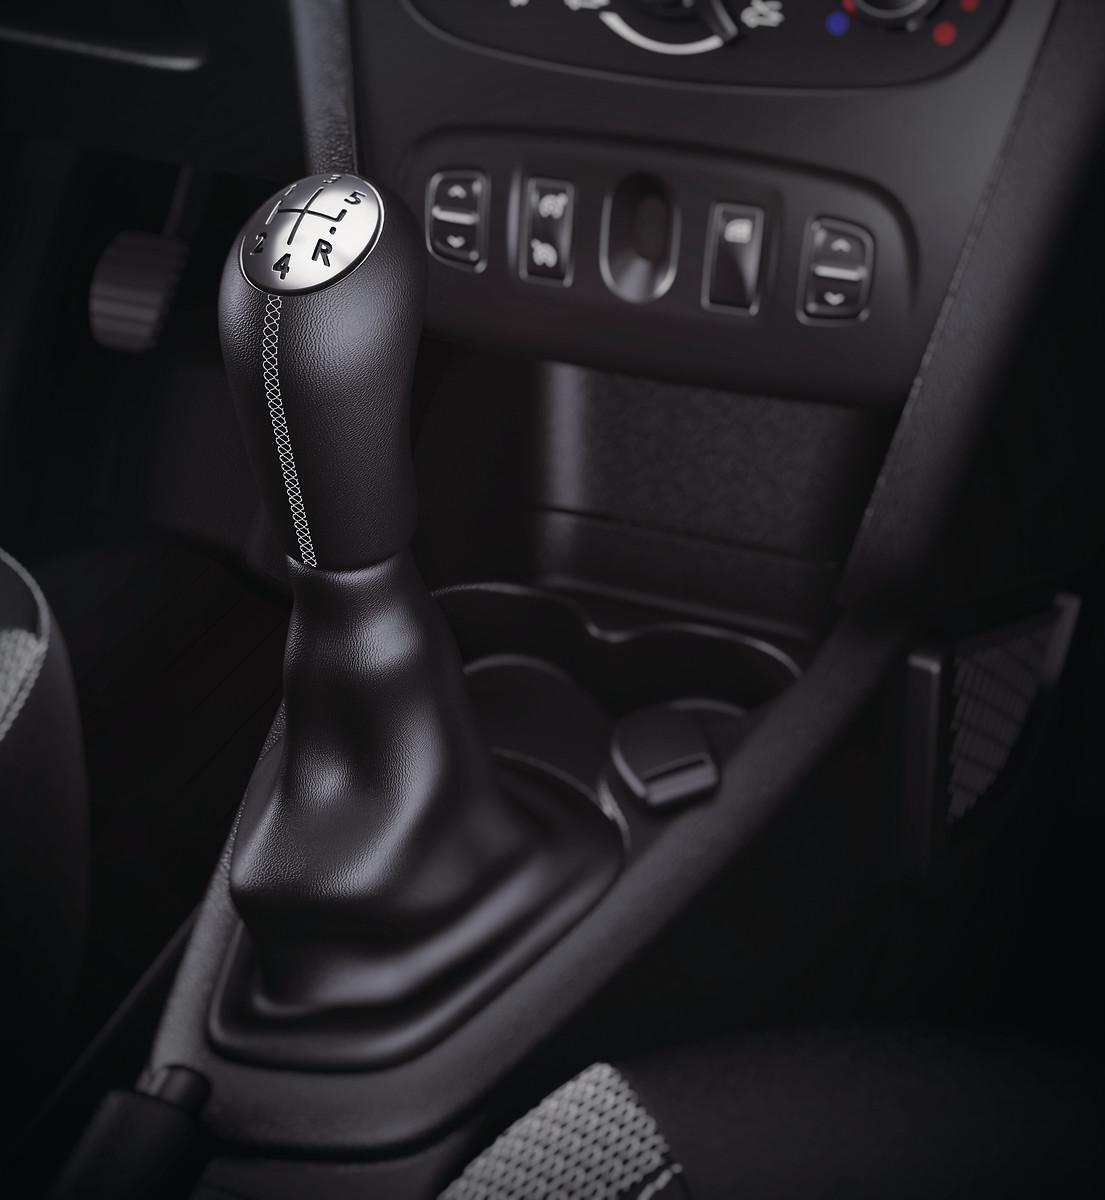 Індикатор перемикання передач